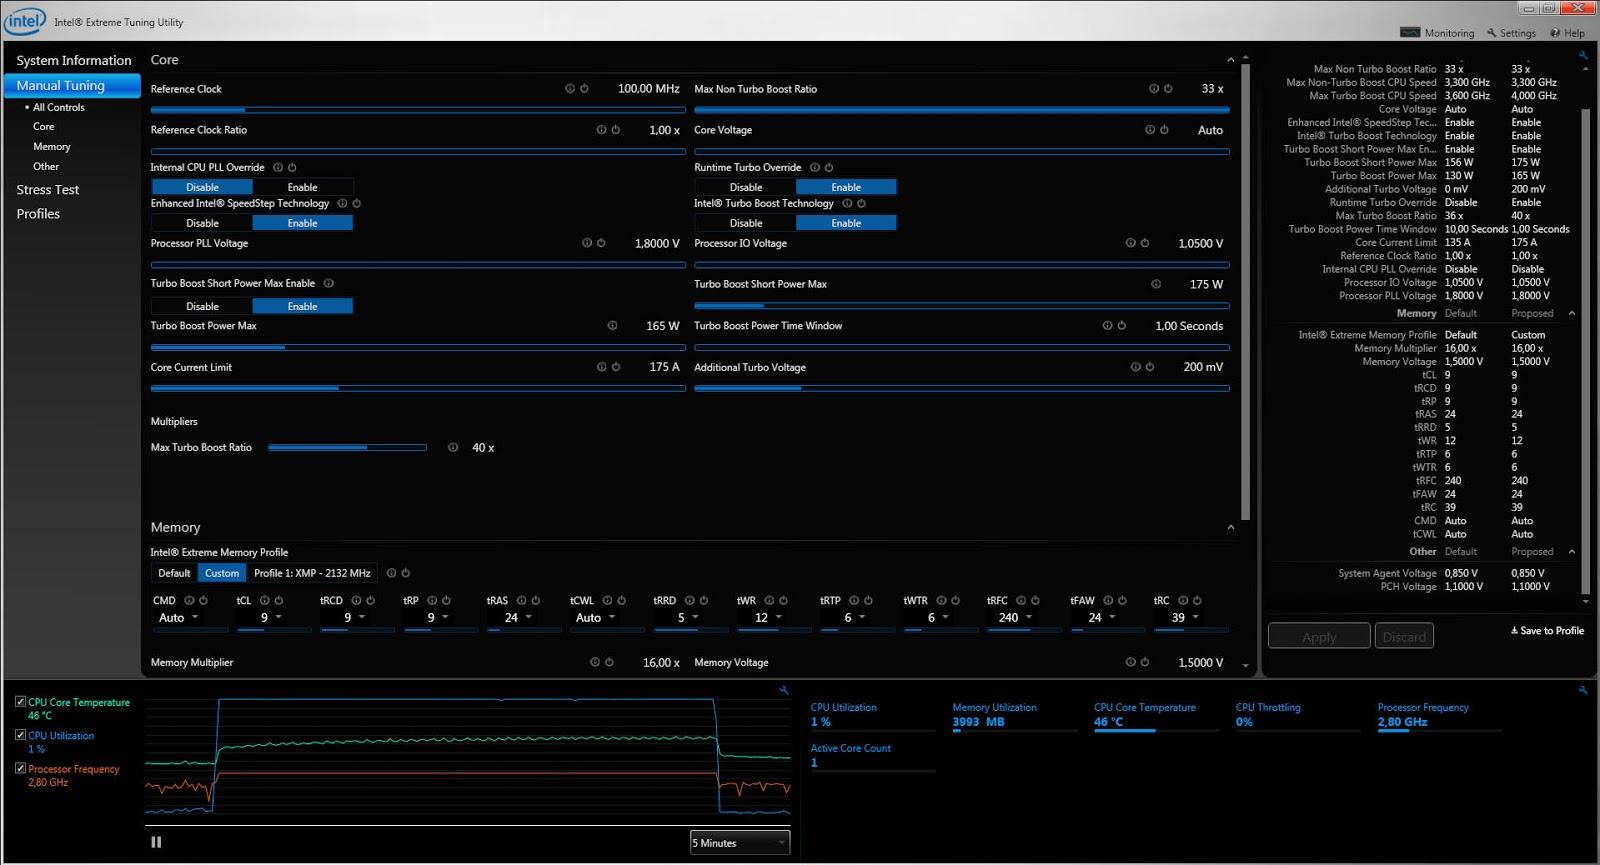 Intel® Extreme Tunnig Utility